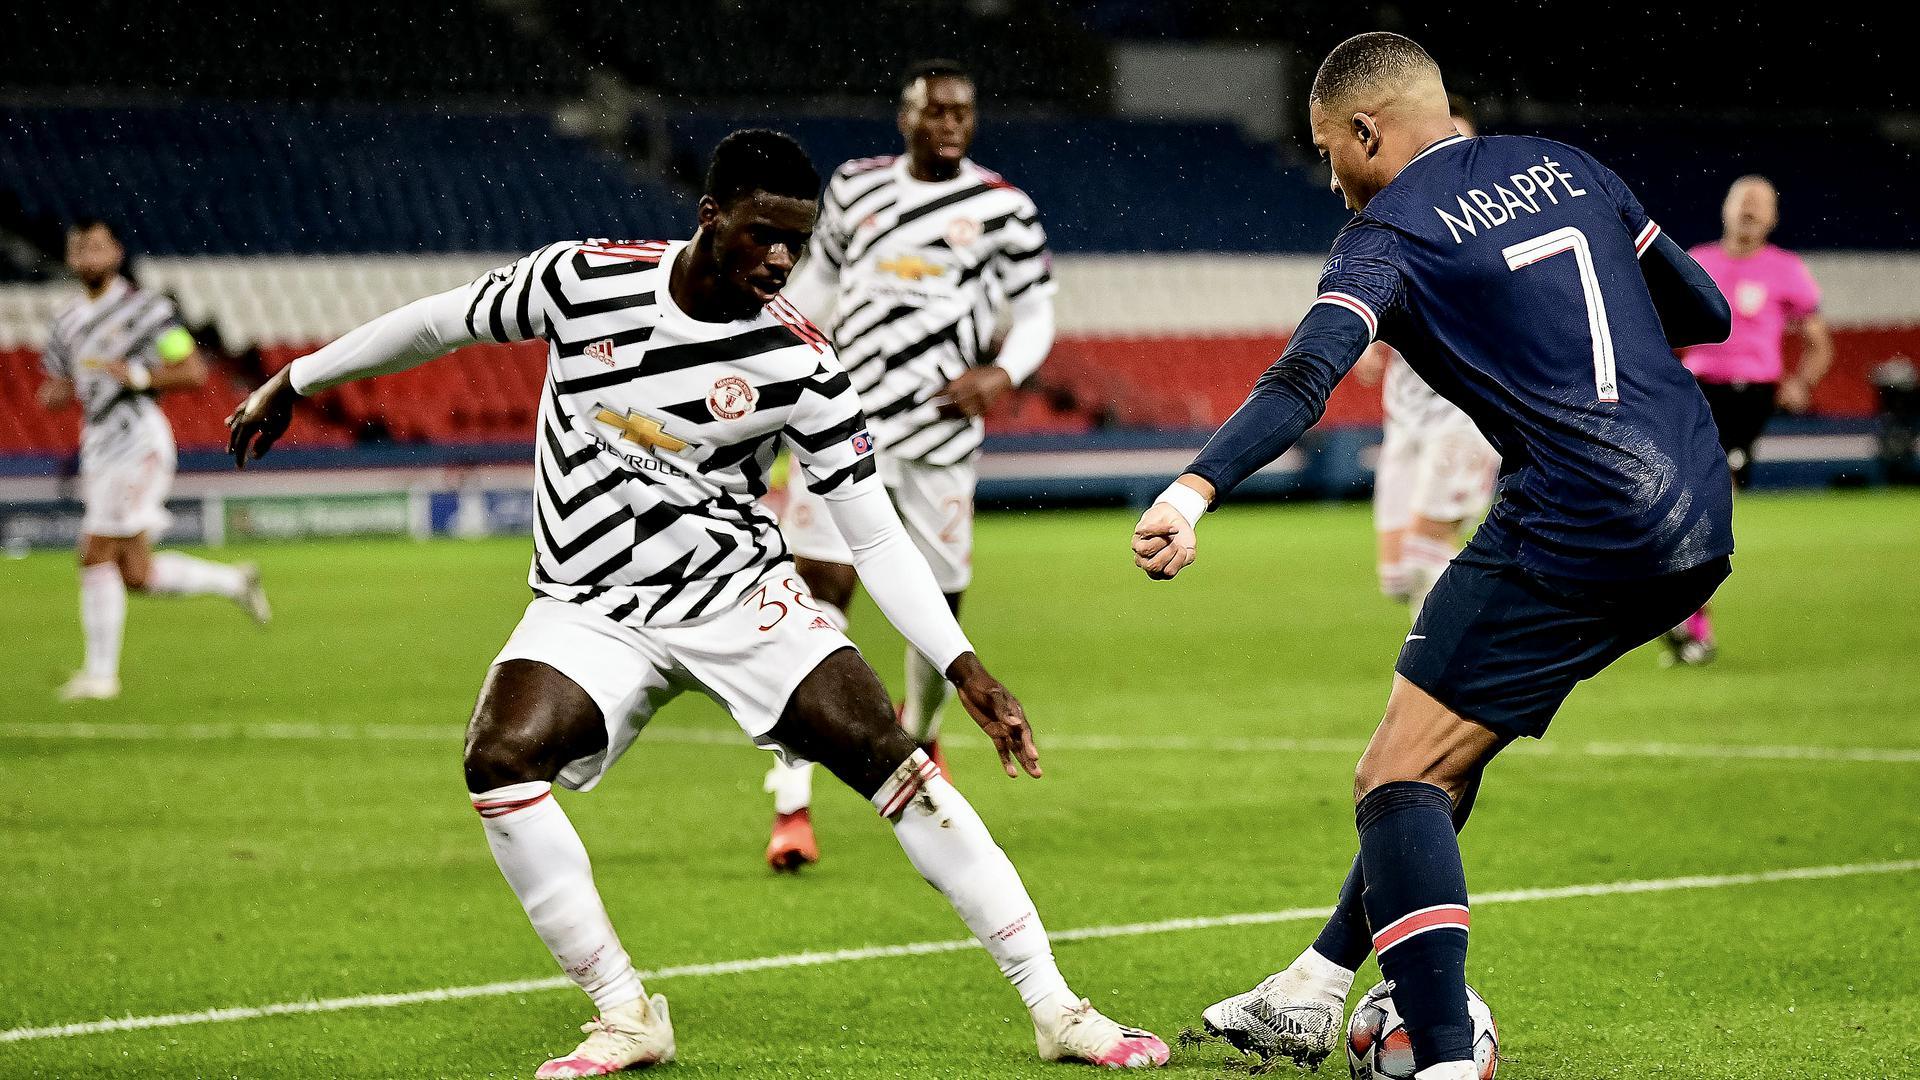 Nhận định MU vs PSG, 03h00 ngày 3/12, Cúp C1 châu Âu